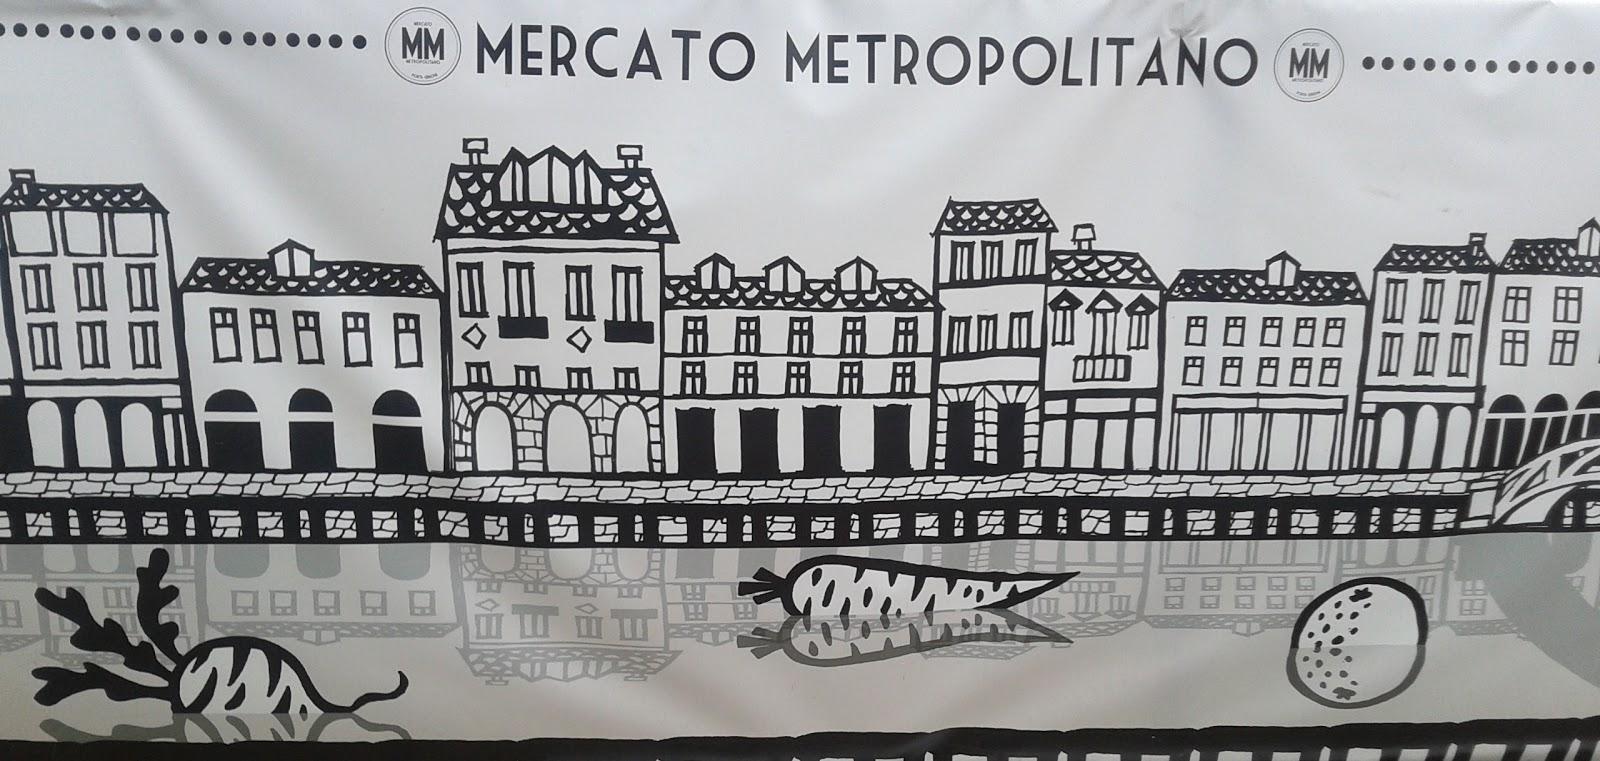 Mai abbastanza expo il mercato metropolitano milano for Mercato domenica milano